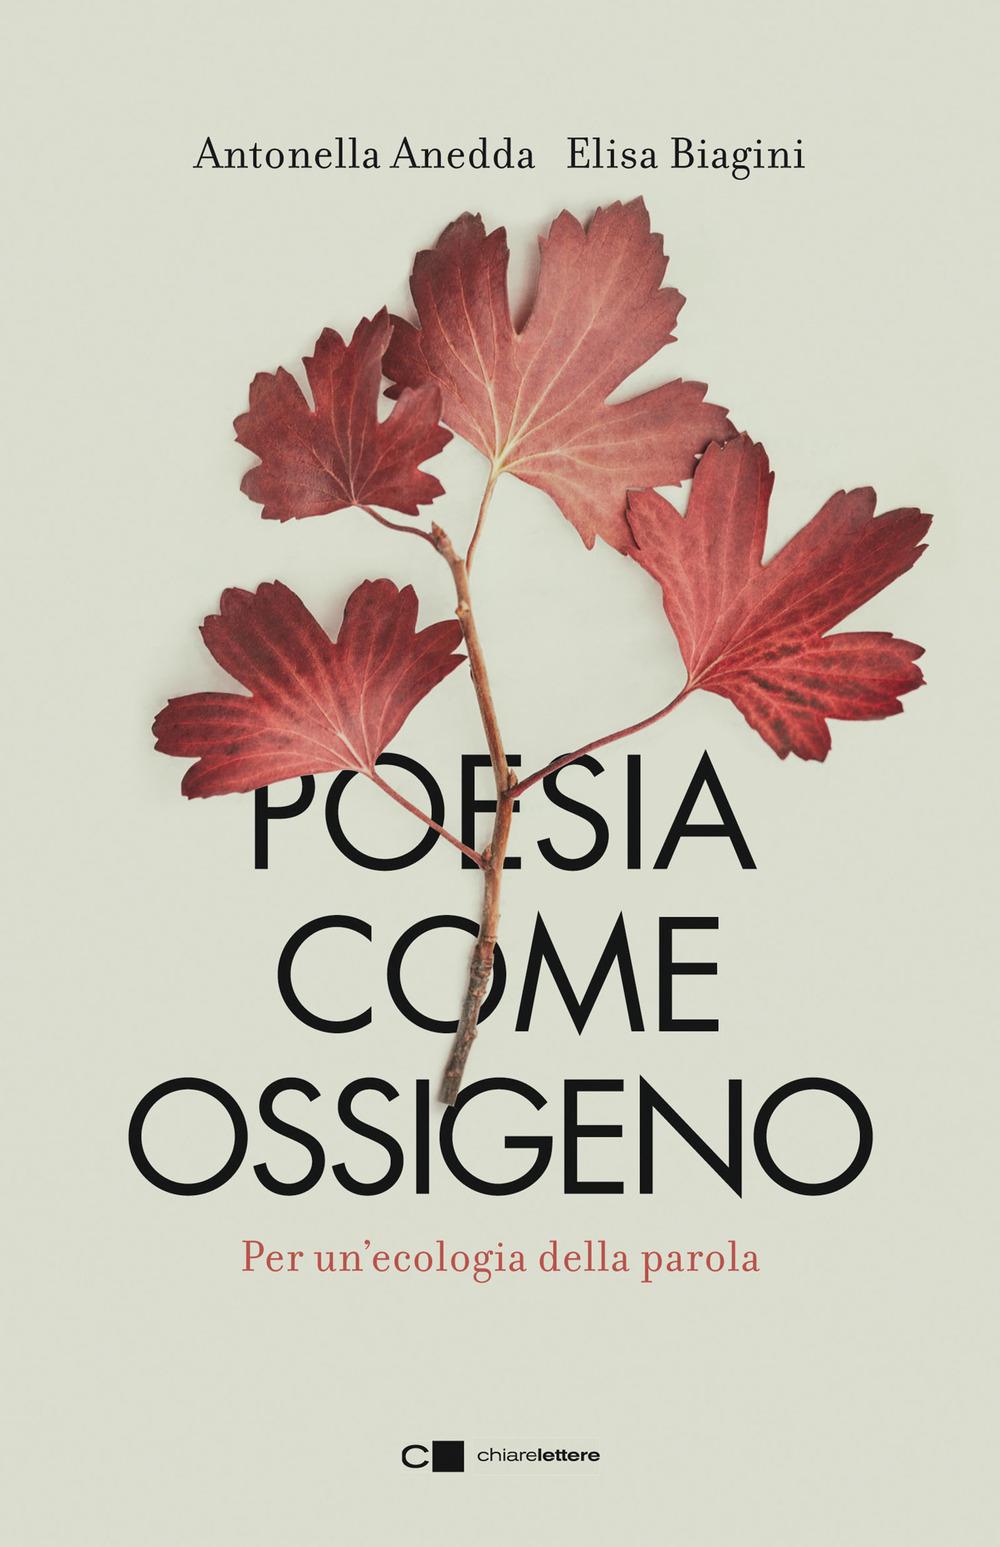 Poesia come ossigeno. Per un'ecologia della parola